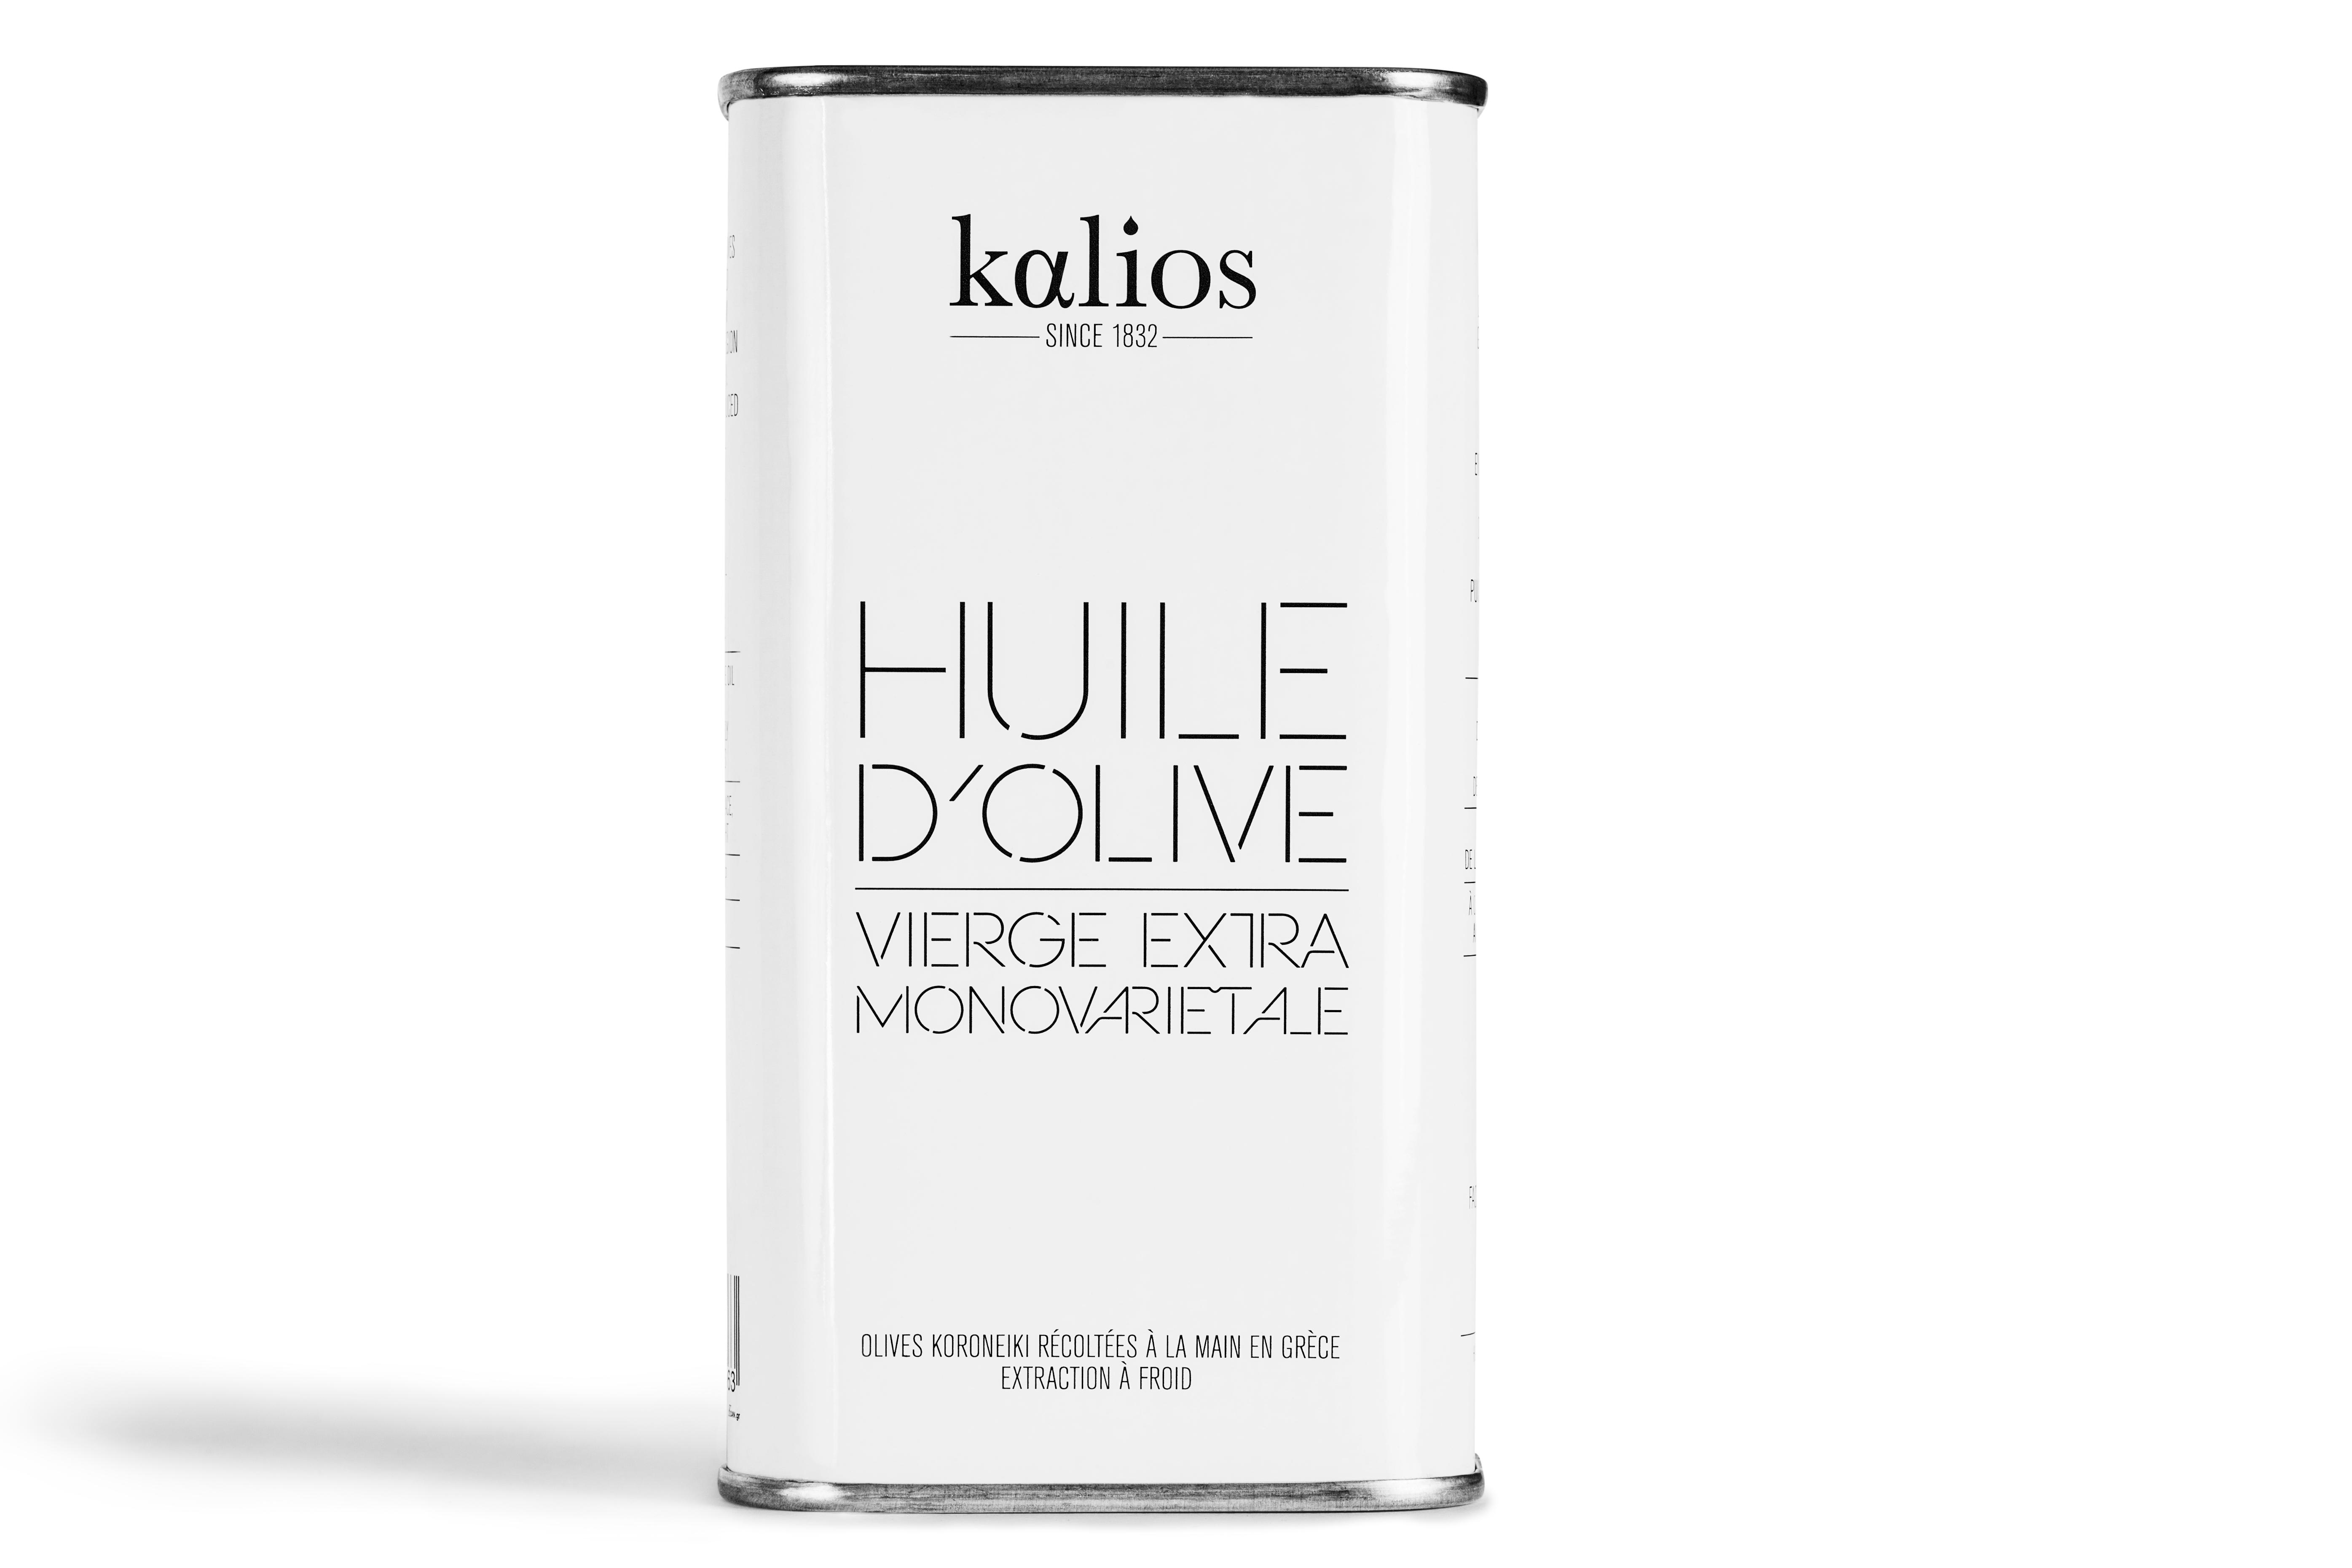 Huile d'olive vierge monovarietale, Kalios (25 cl)